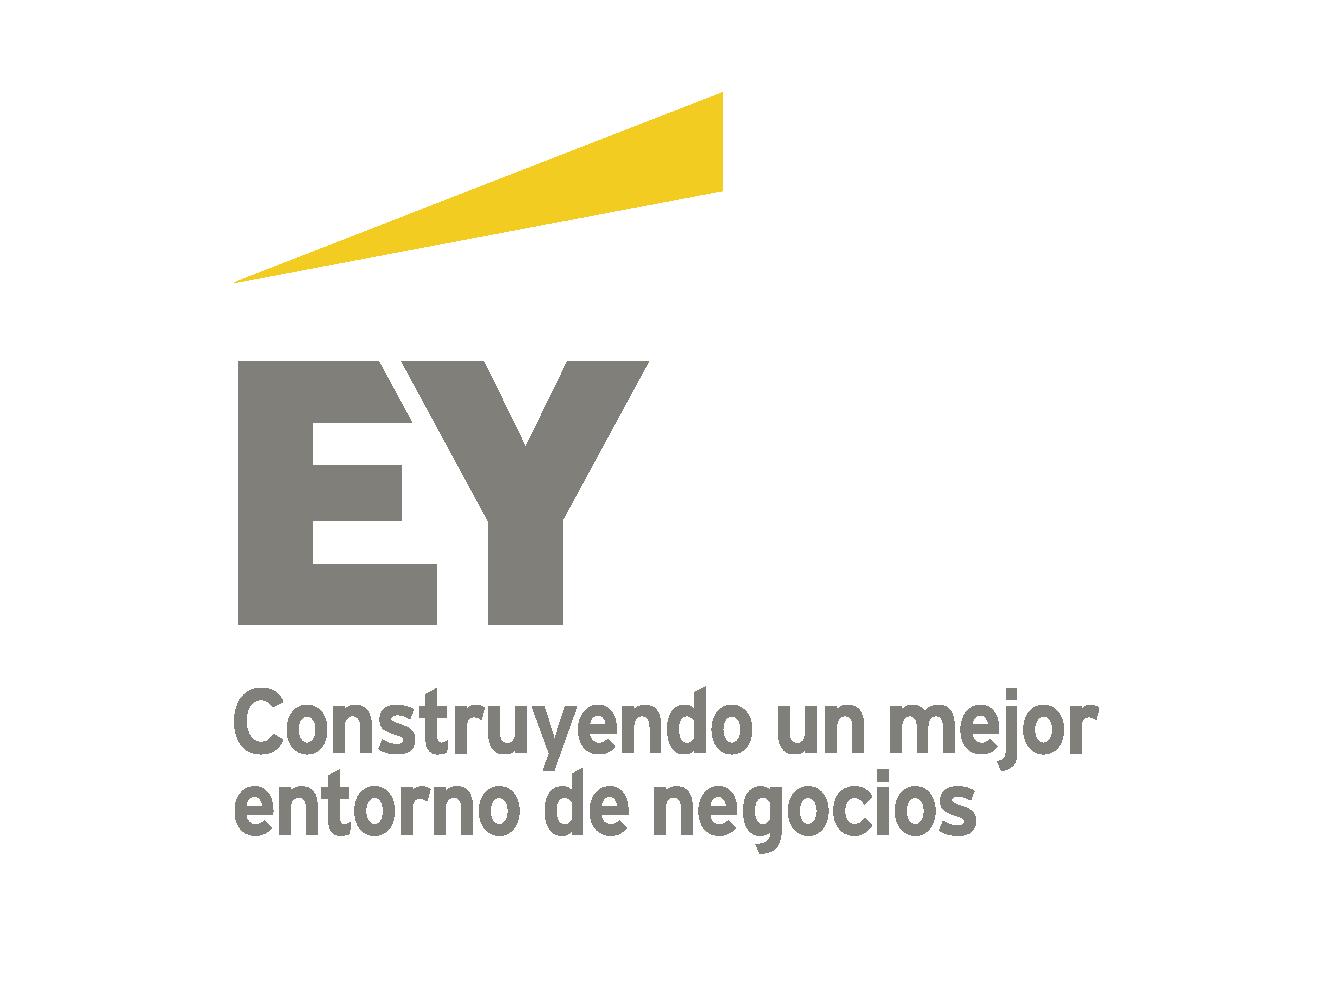 congreso_logo_ey